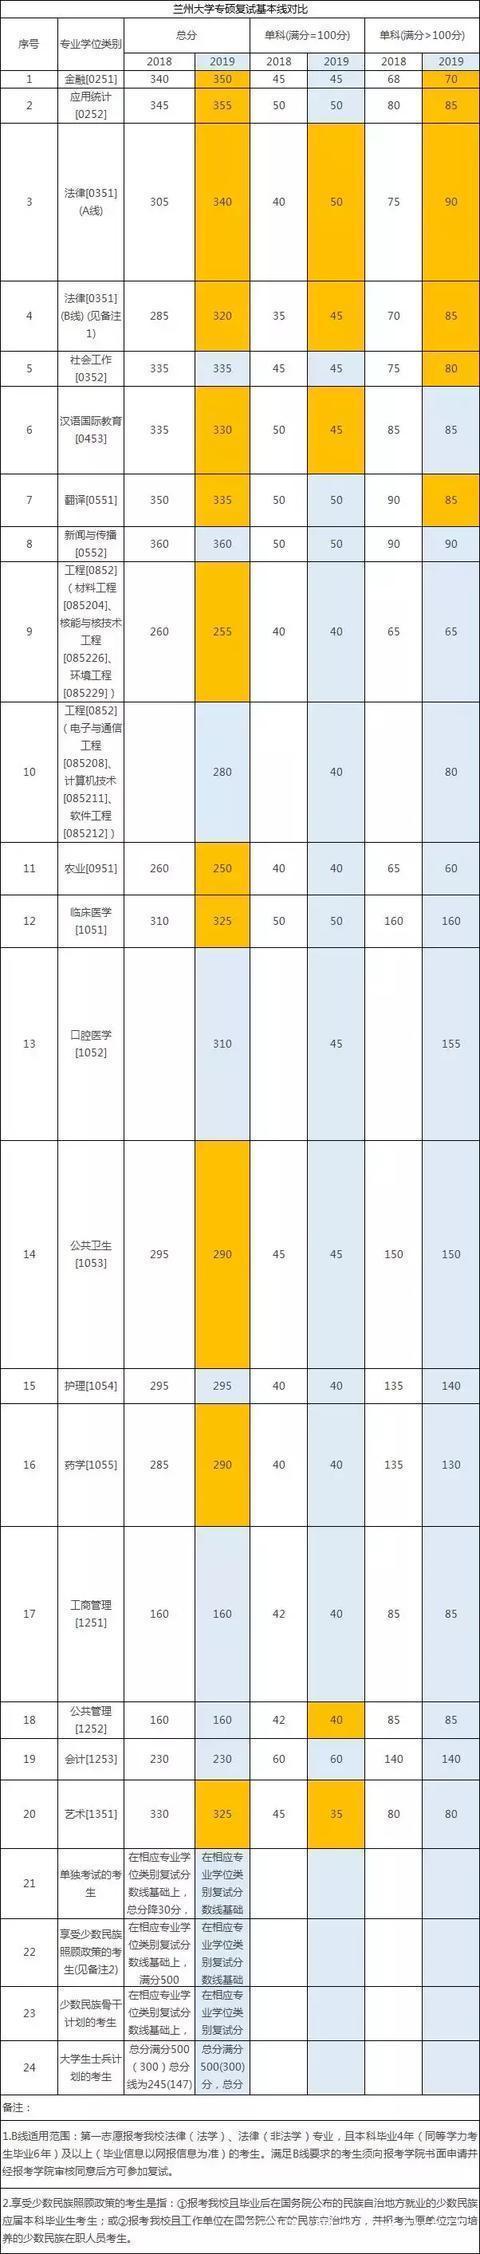 更新!国家线已提前公布?最新34所院校复试分数线汇总已出!